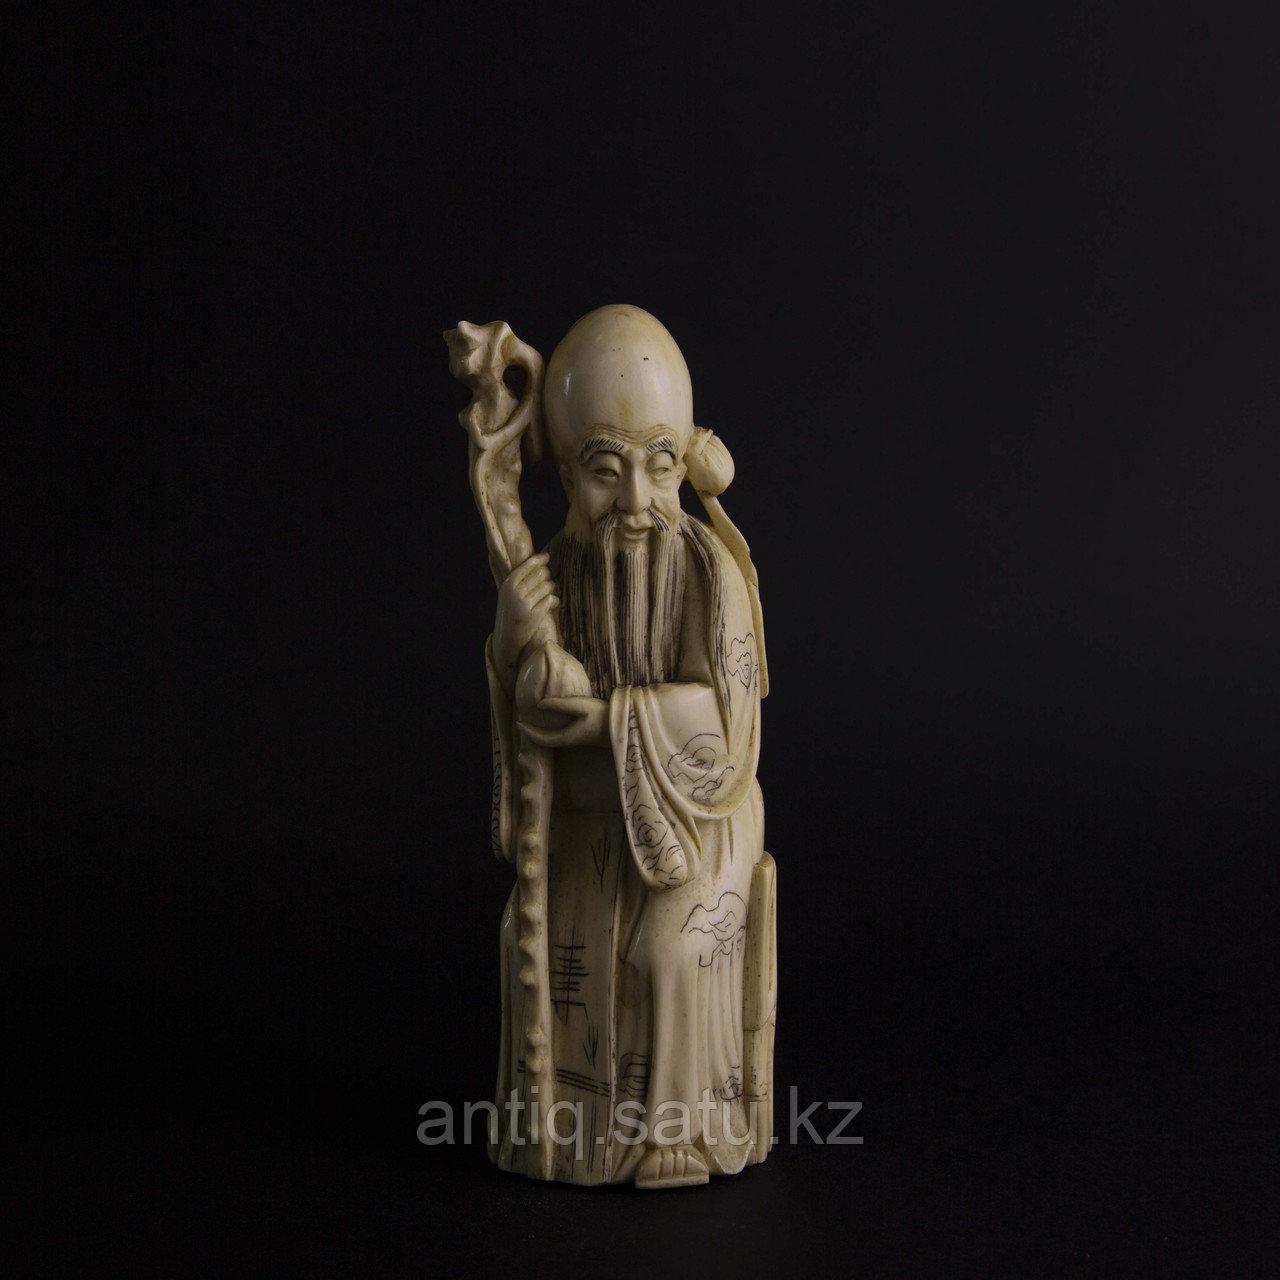 Окимоно Шоу-син (Шу, Сау) один из трех звездный старцев. Бог долголетие. - фото 1